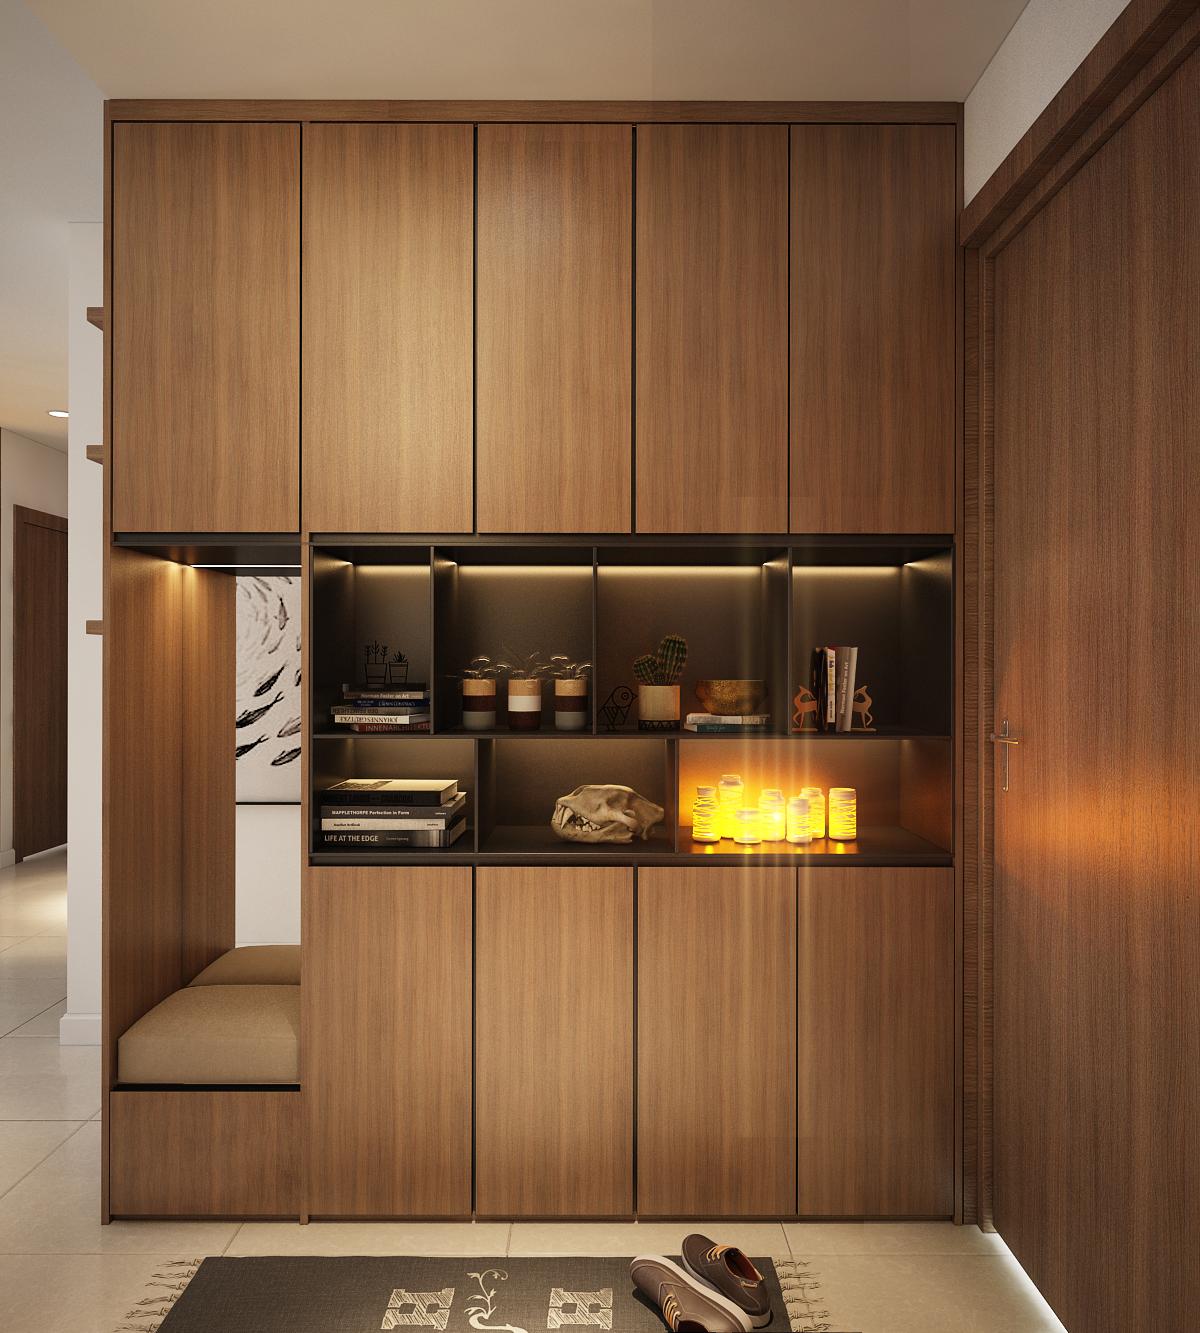 Thiết kế nội thất Chung Cư tại Hồ Chí Minh Anh Tú_Hausneo 1576125813 6